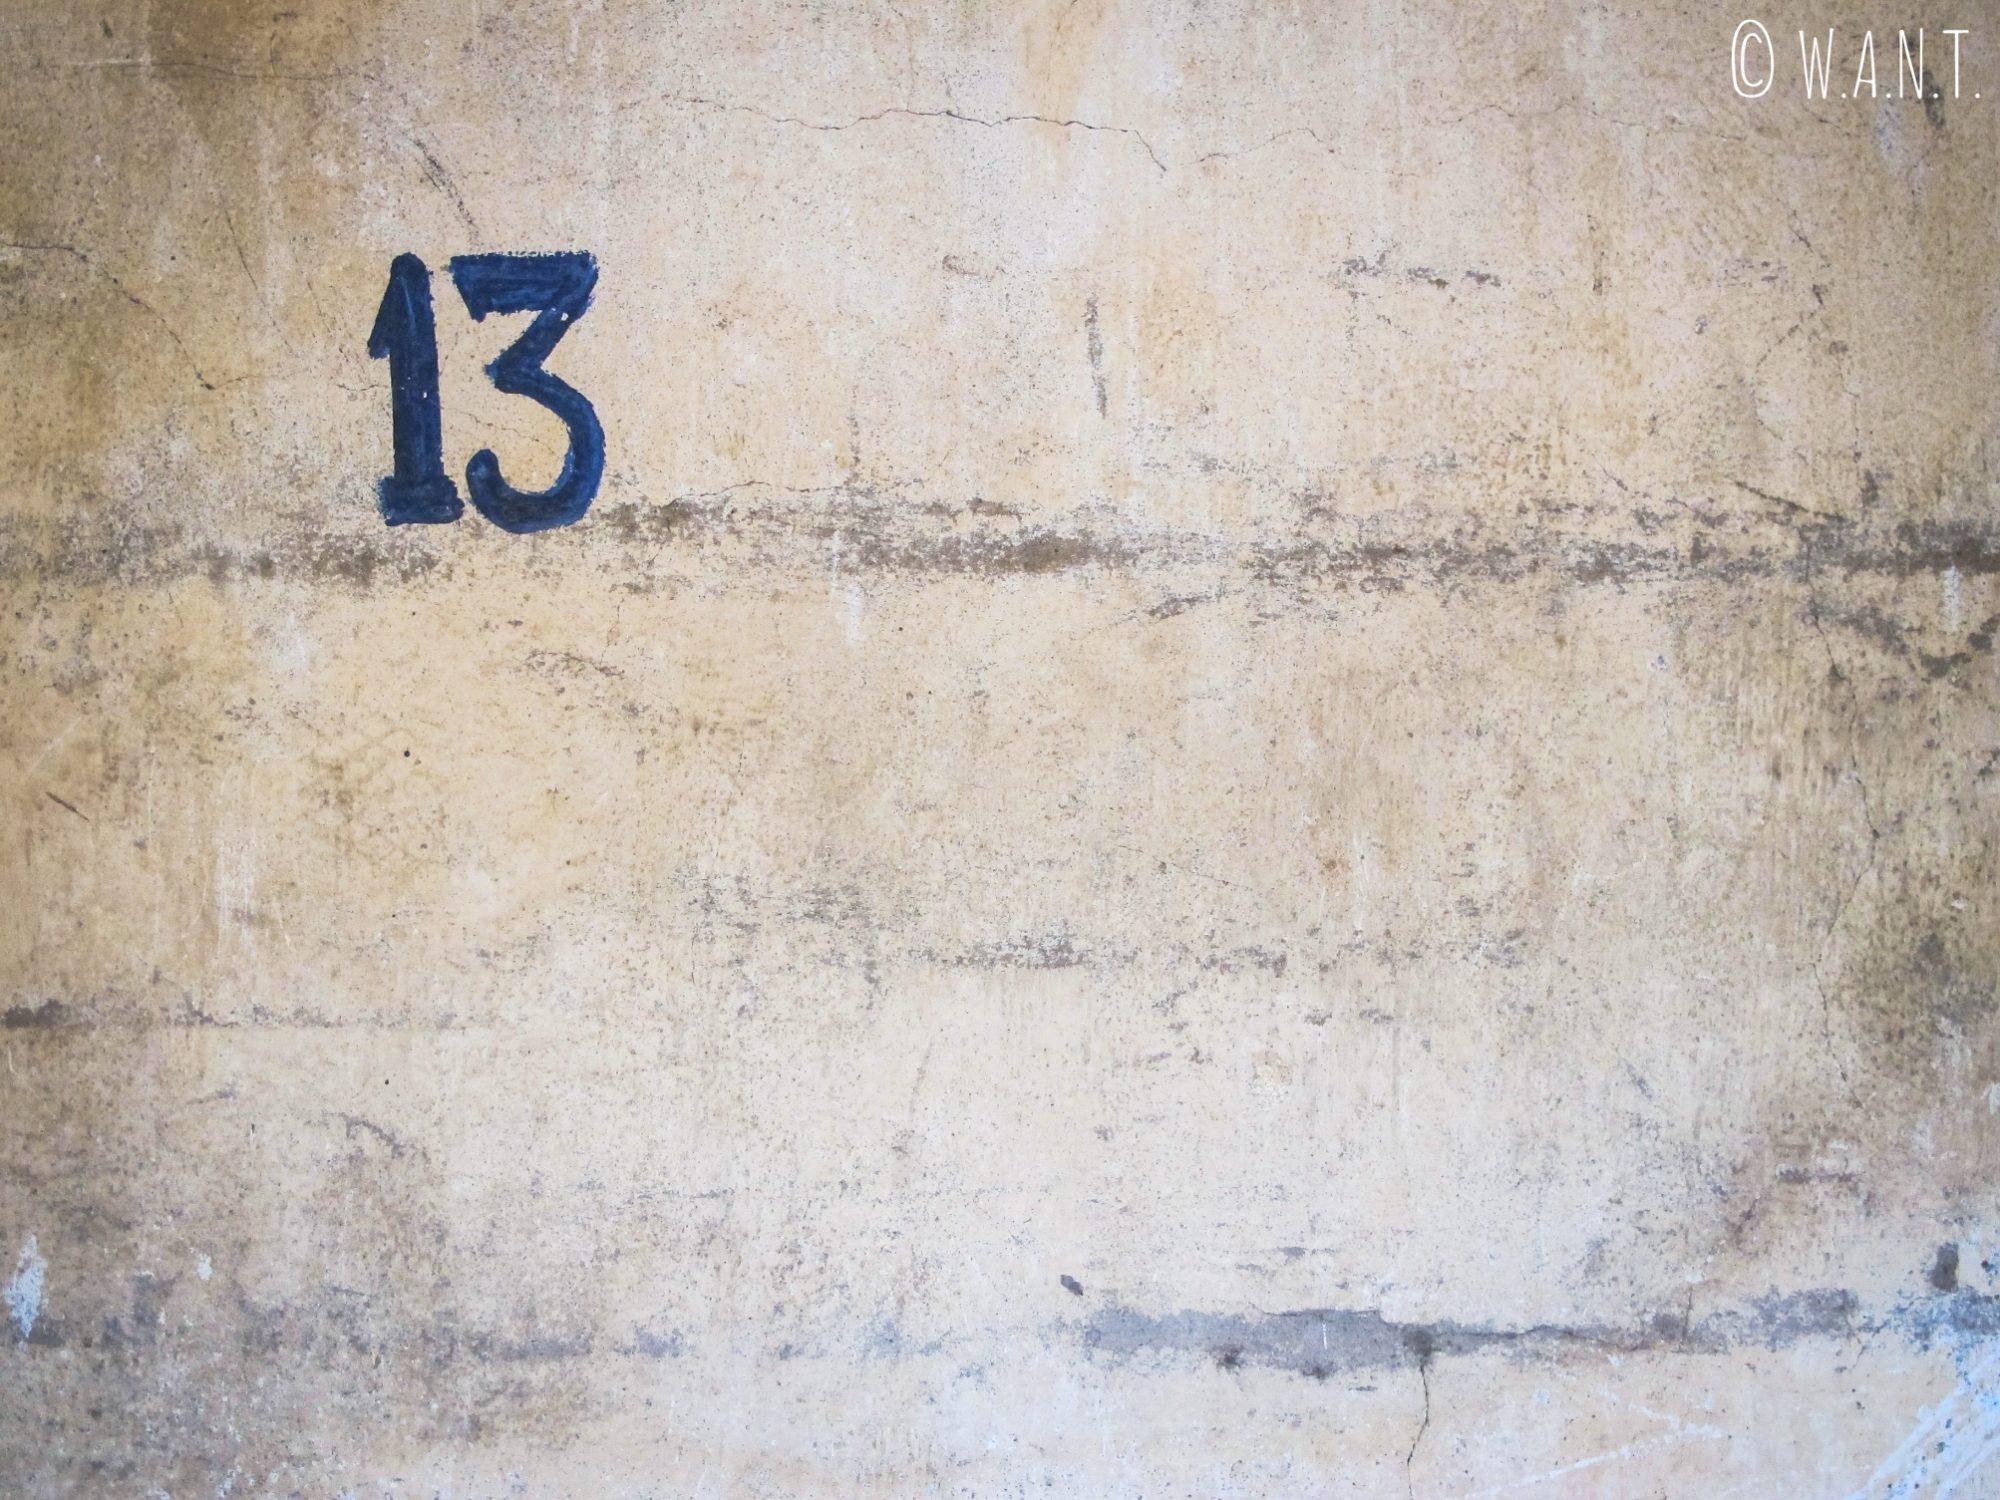 Numéro de cellule de la prison S-21 à Phnom Penh